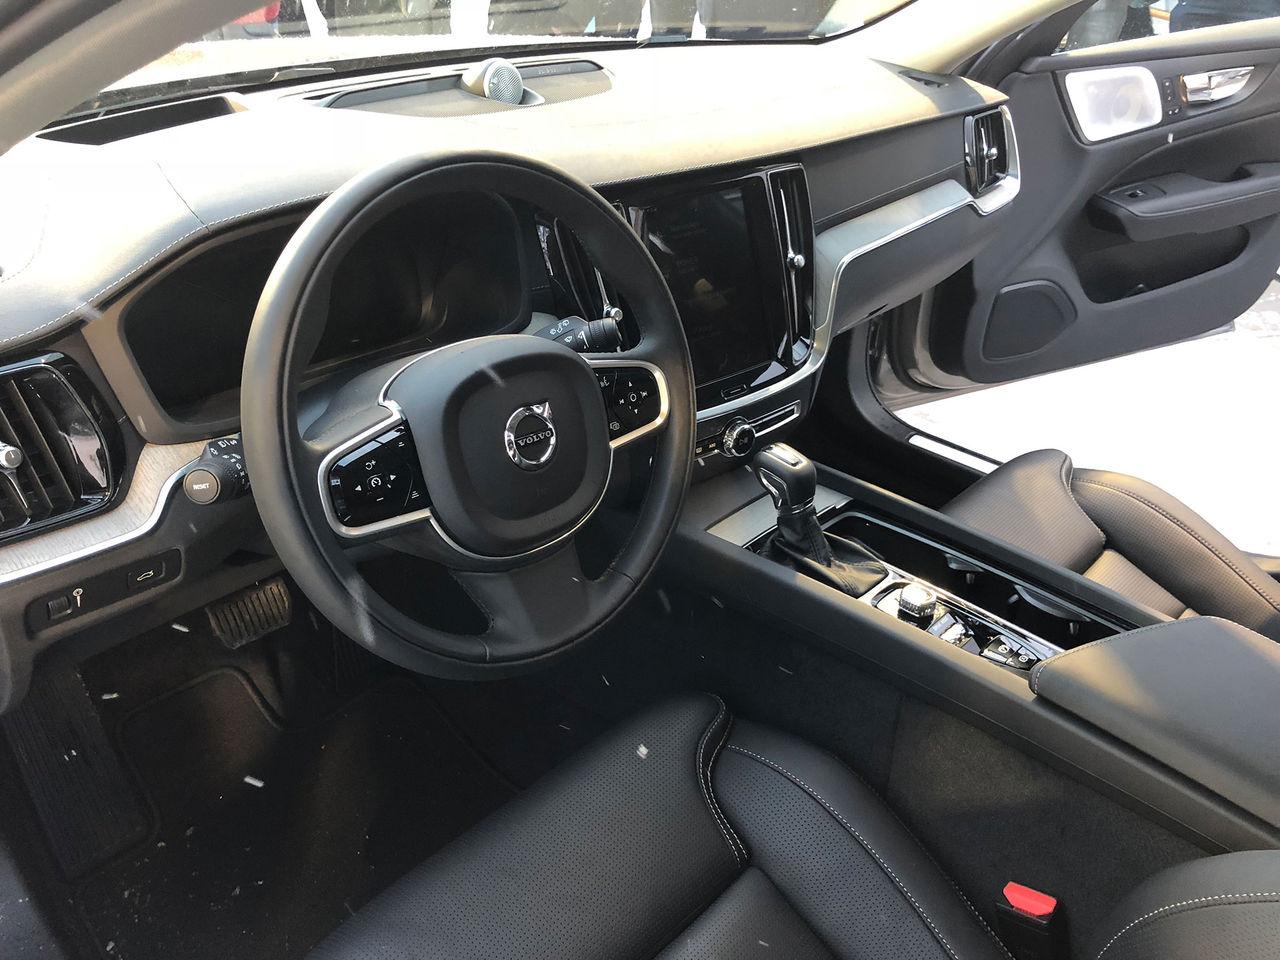 Nar Kommer Nya V60 >> Vi har kollat in nya Volvo V60! Vi säger bara en sak: Wow! | Feber / Bil